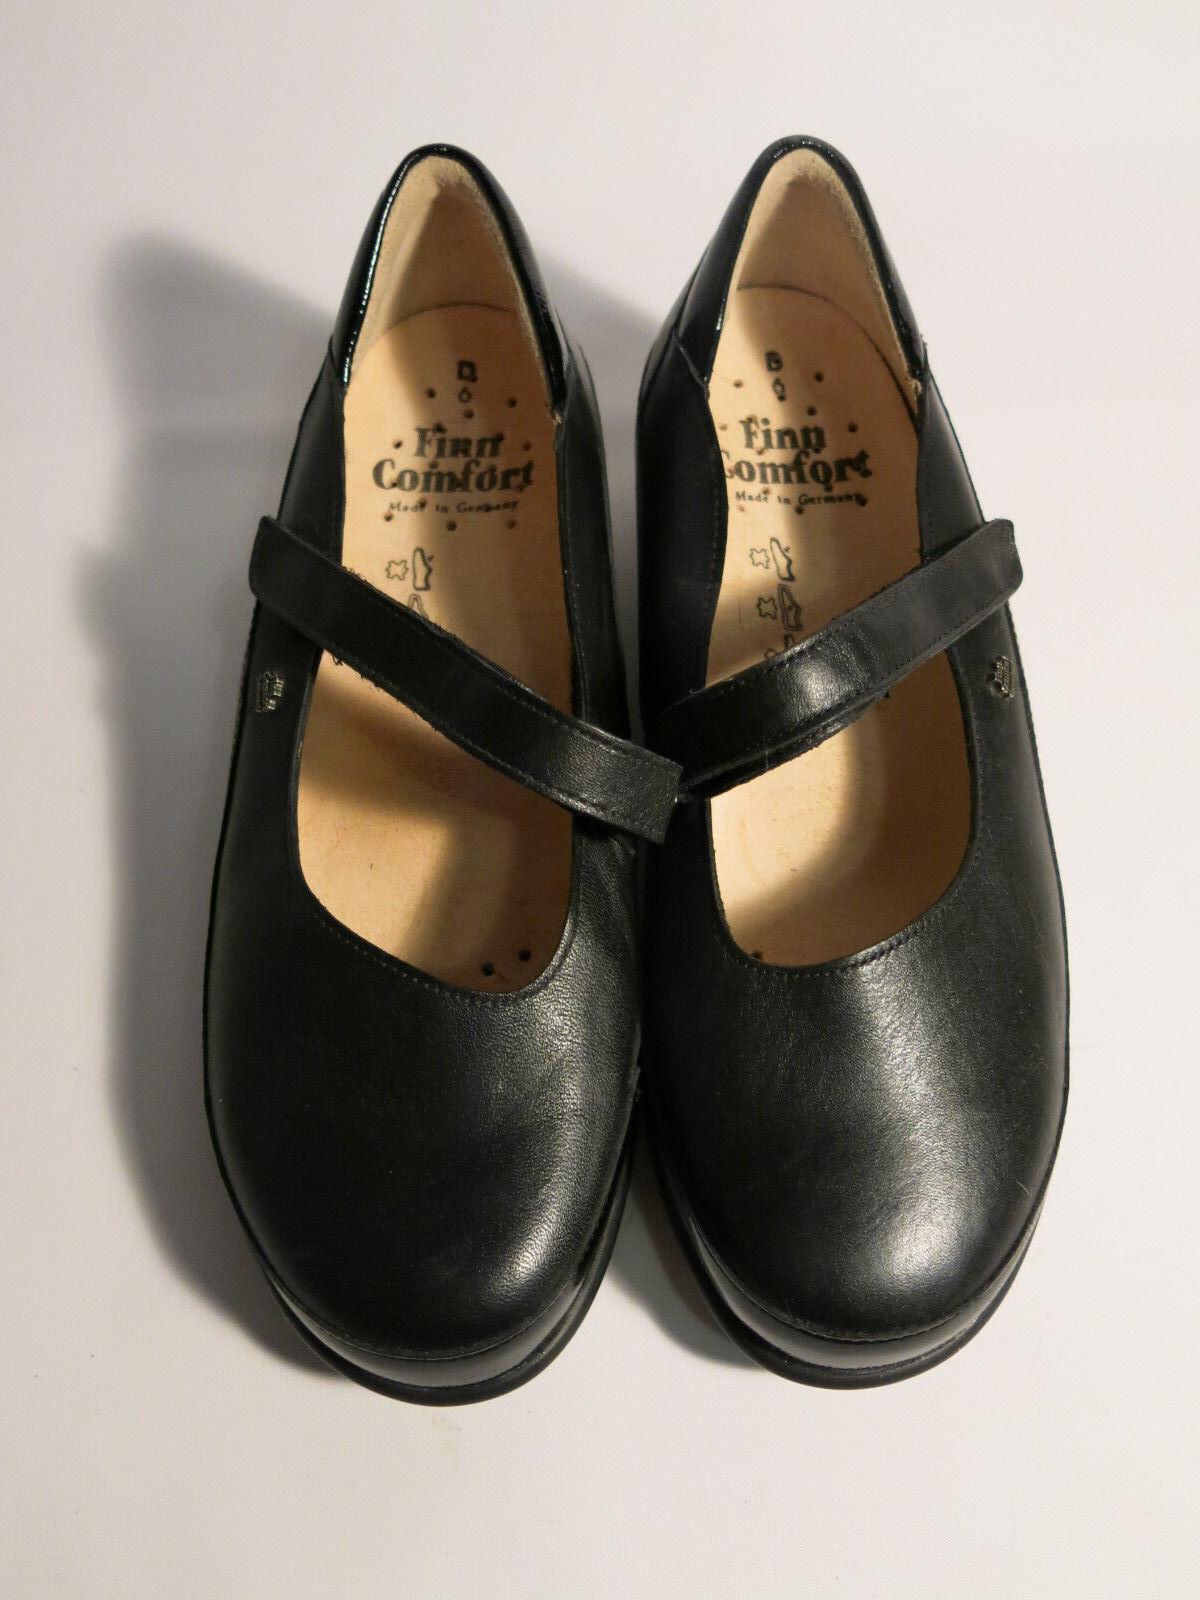 Zapatos De De De Cuero Menta Finn Comfort para mujer UK 6 US 8.5 Mary Jane Negro  en linea